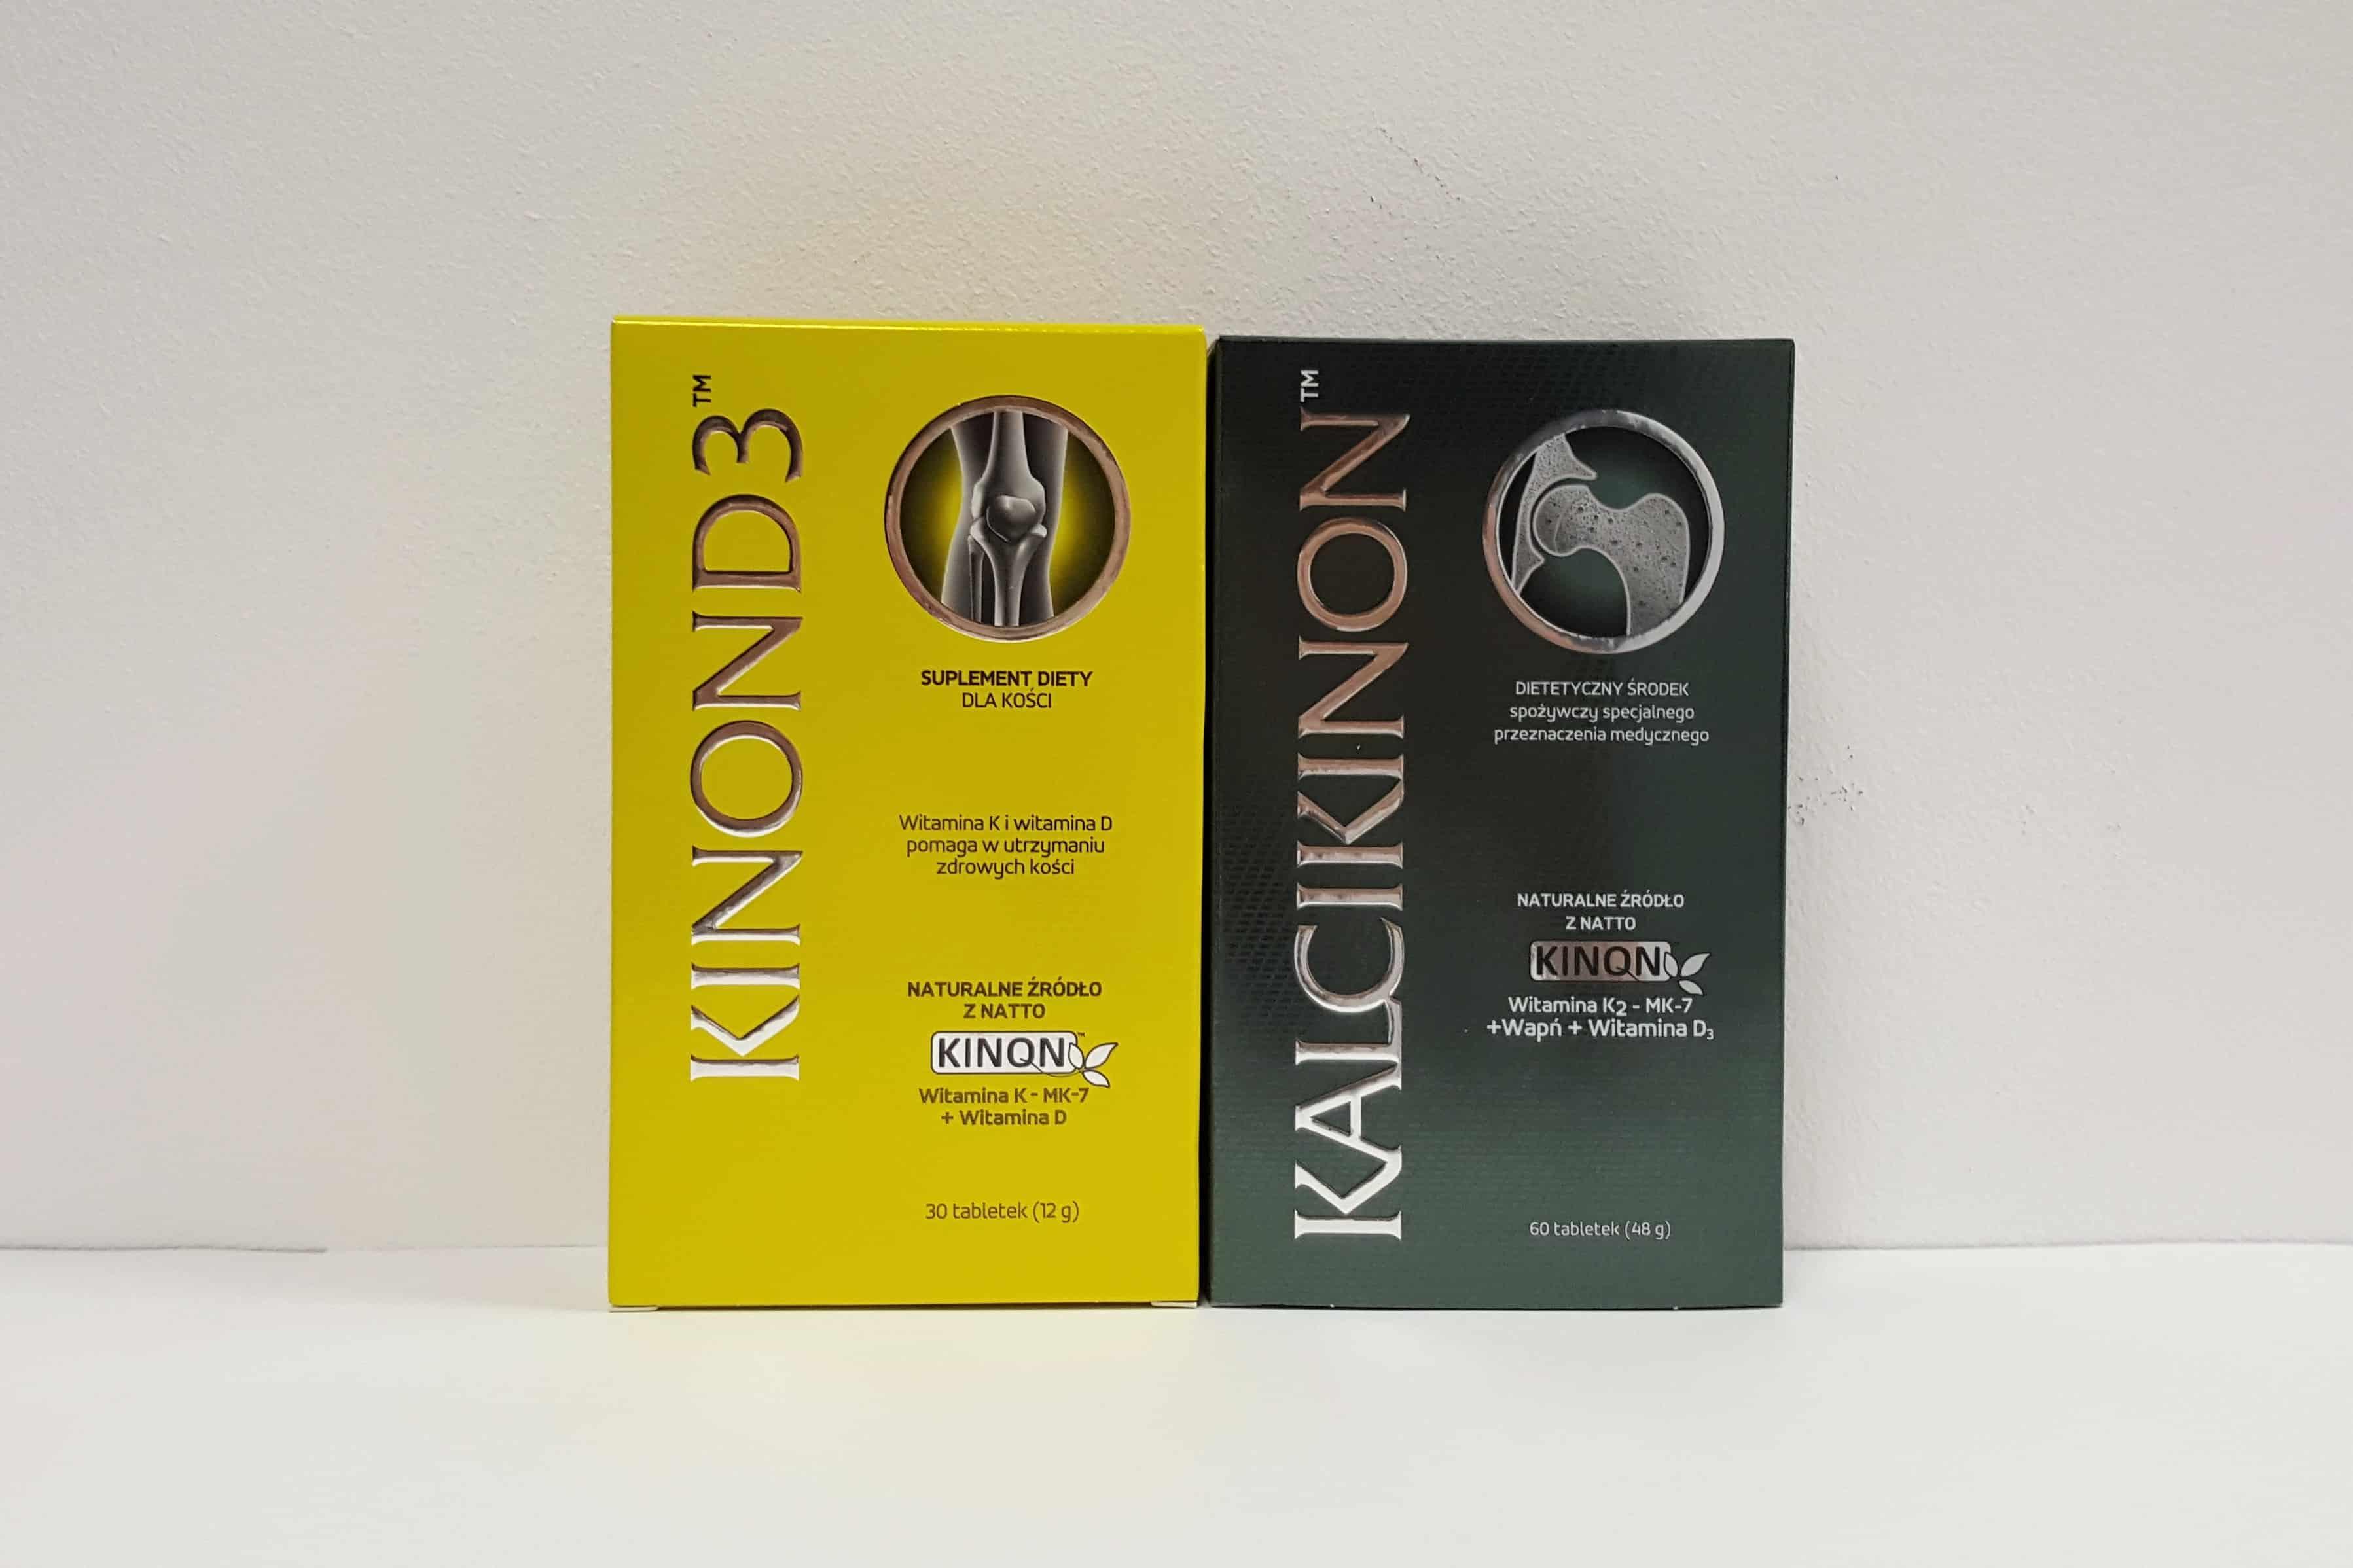 KinonD3 iKalcikinonD3 tabletki Matka Aptekarka